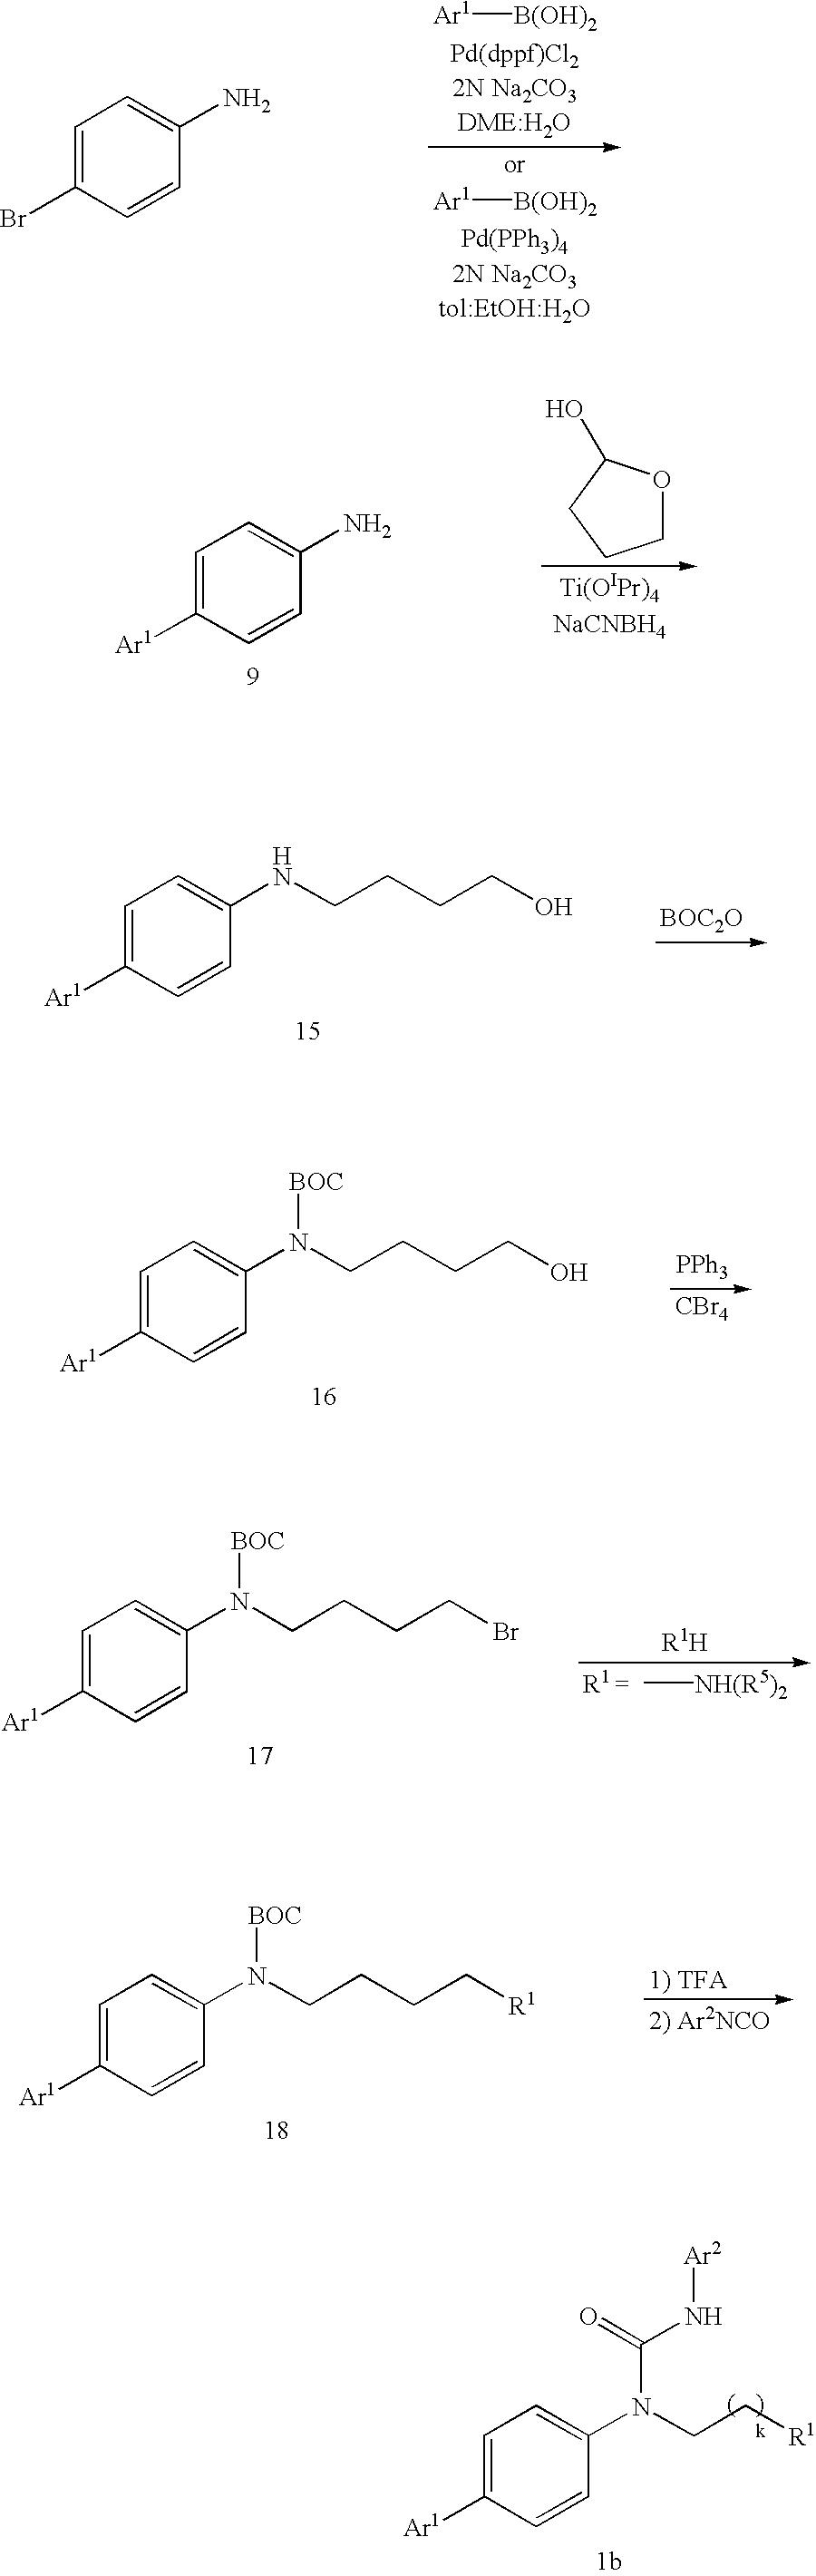 Figure US20030022891A1-20030130-C00045